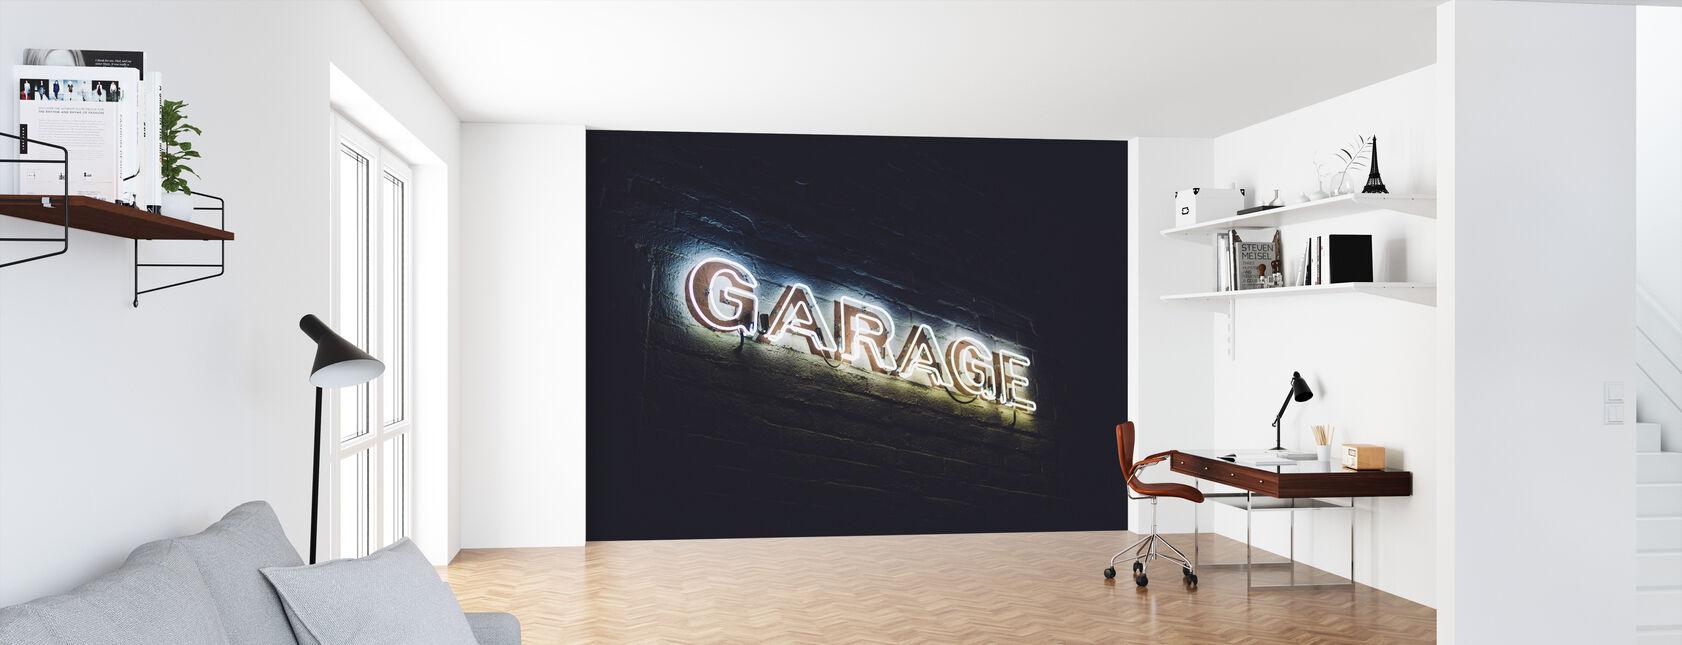 Garage Teken - Behang - Kantoor